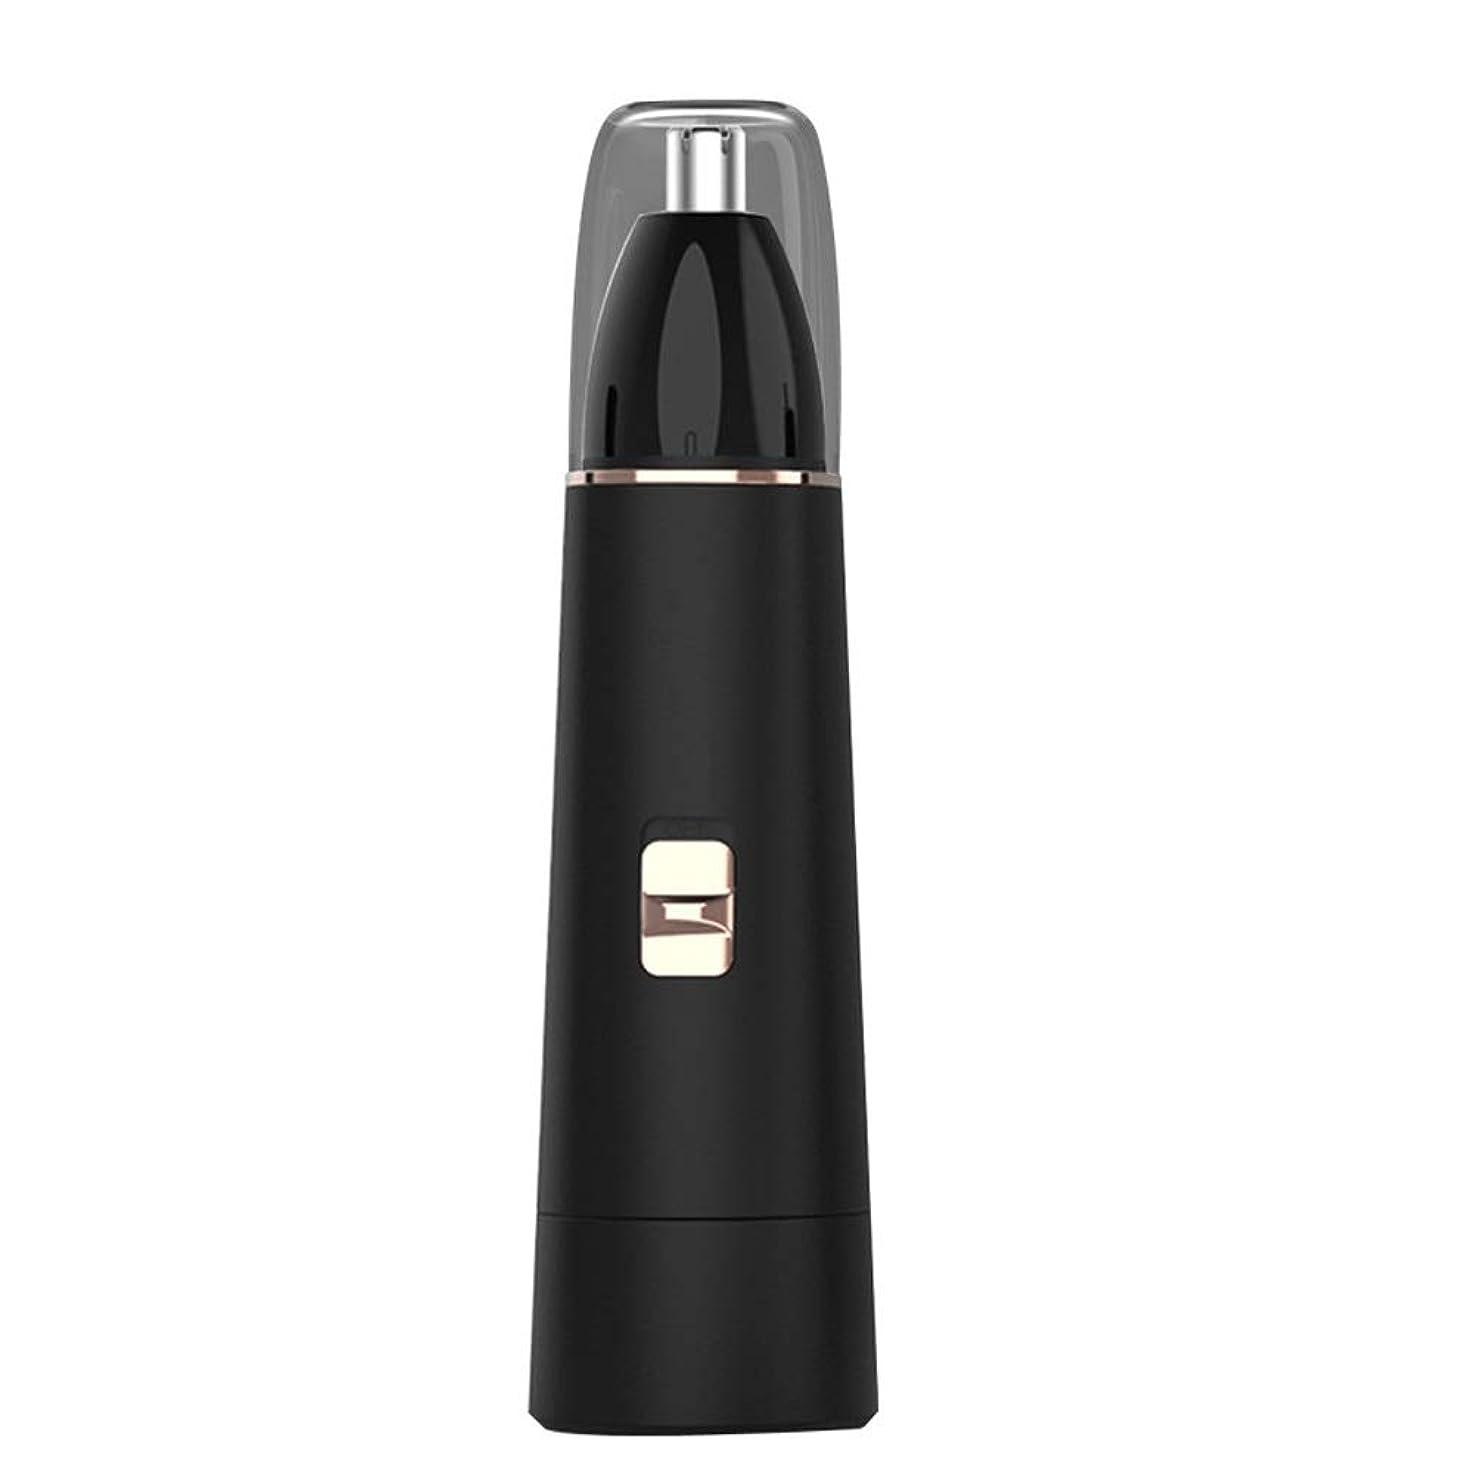 追う衝突コースソフトウェア鼻毛トリマー-USB充電式電動鼻毛トリマー/ABS素材/多機能 操作が簡単